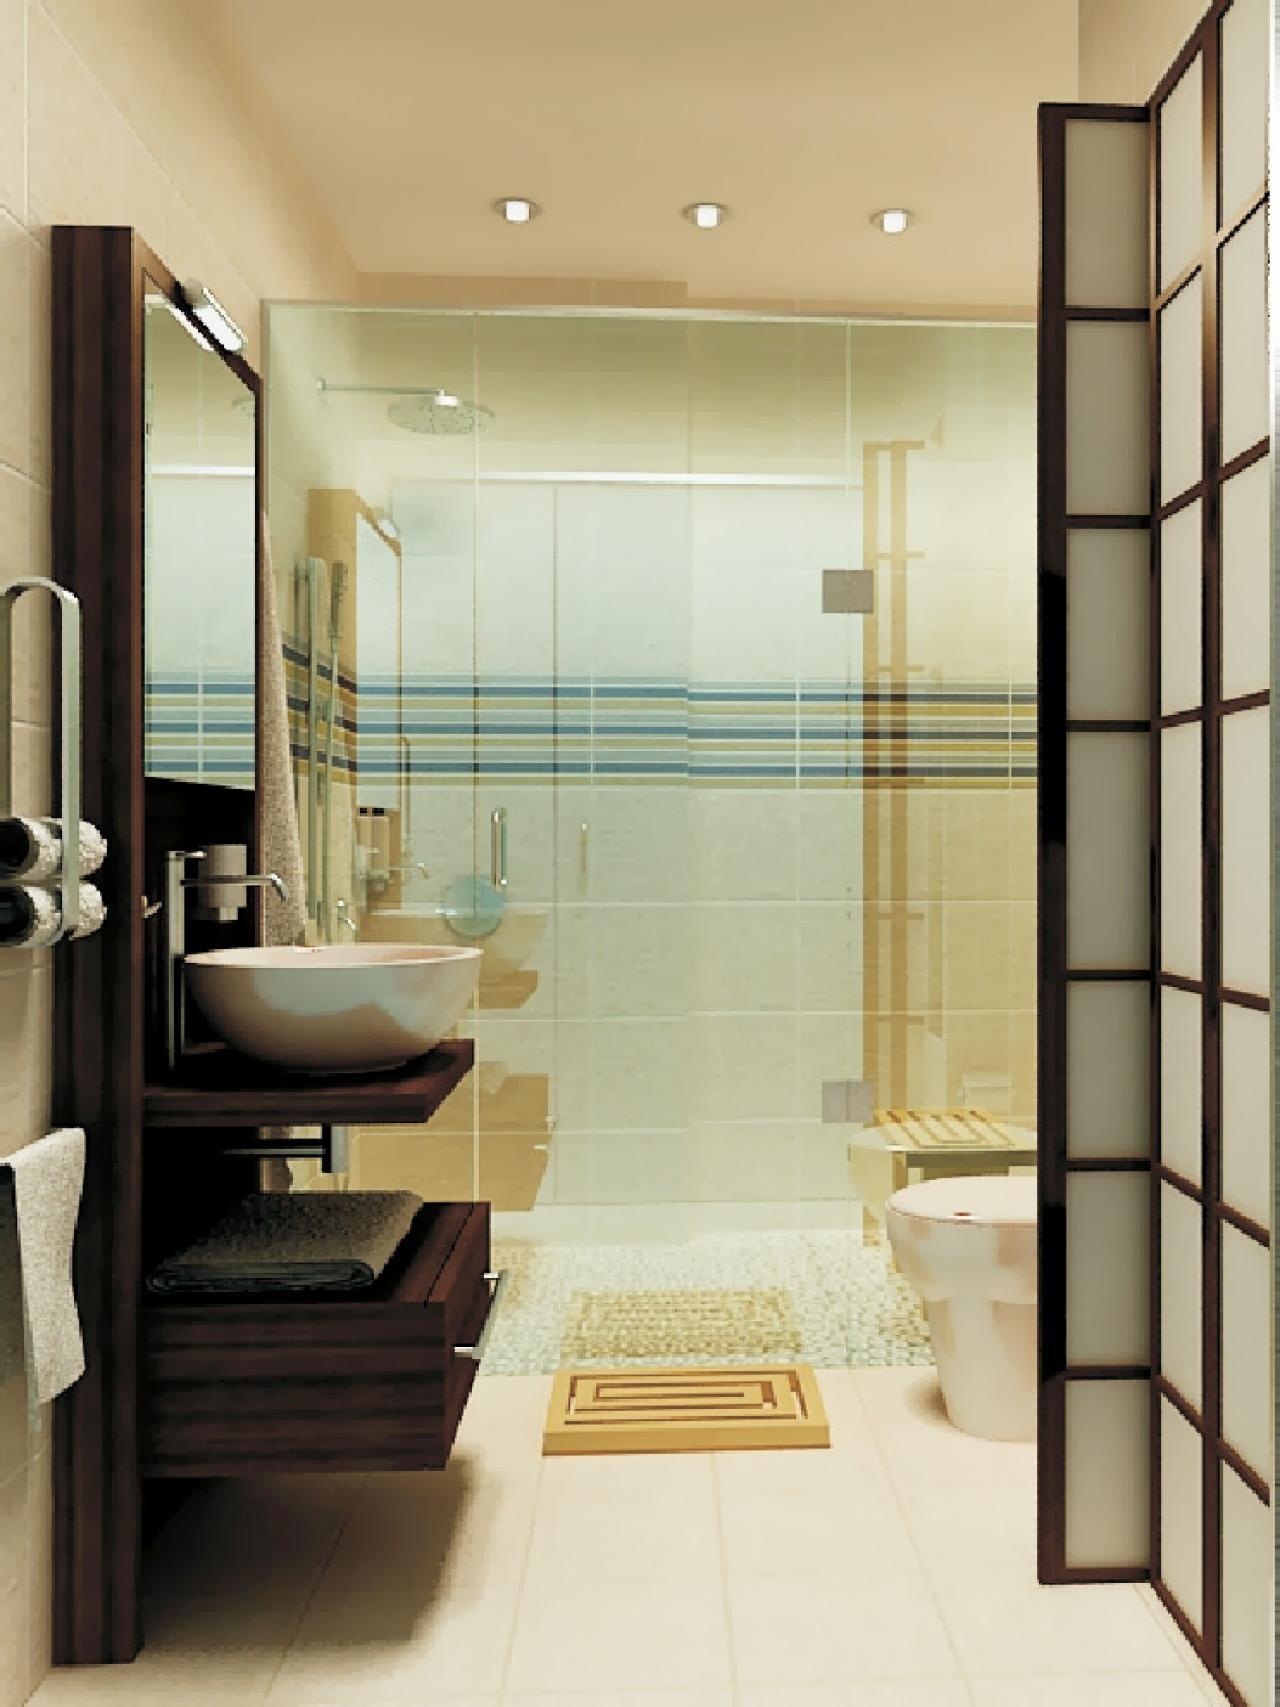 DP_Marie-Burgos-city-zen-master-bathroom_s3x4.jpg.rend.hgtvcom.1280.1707